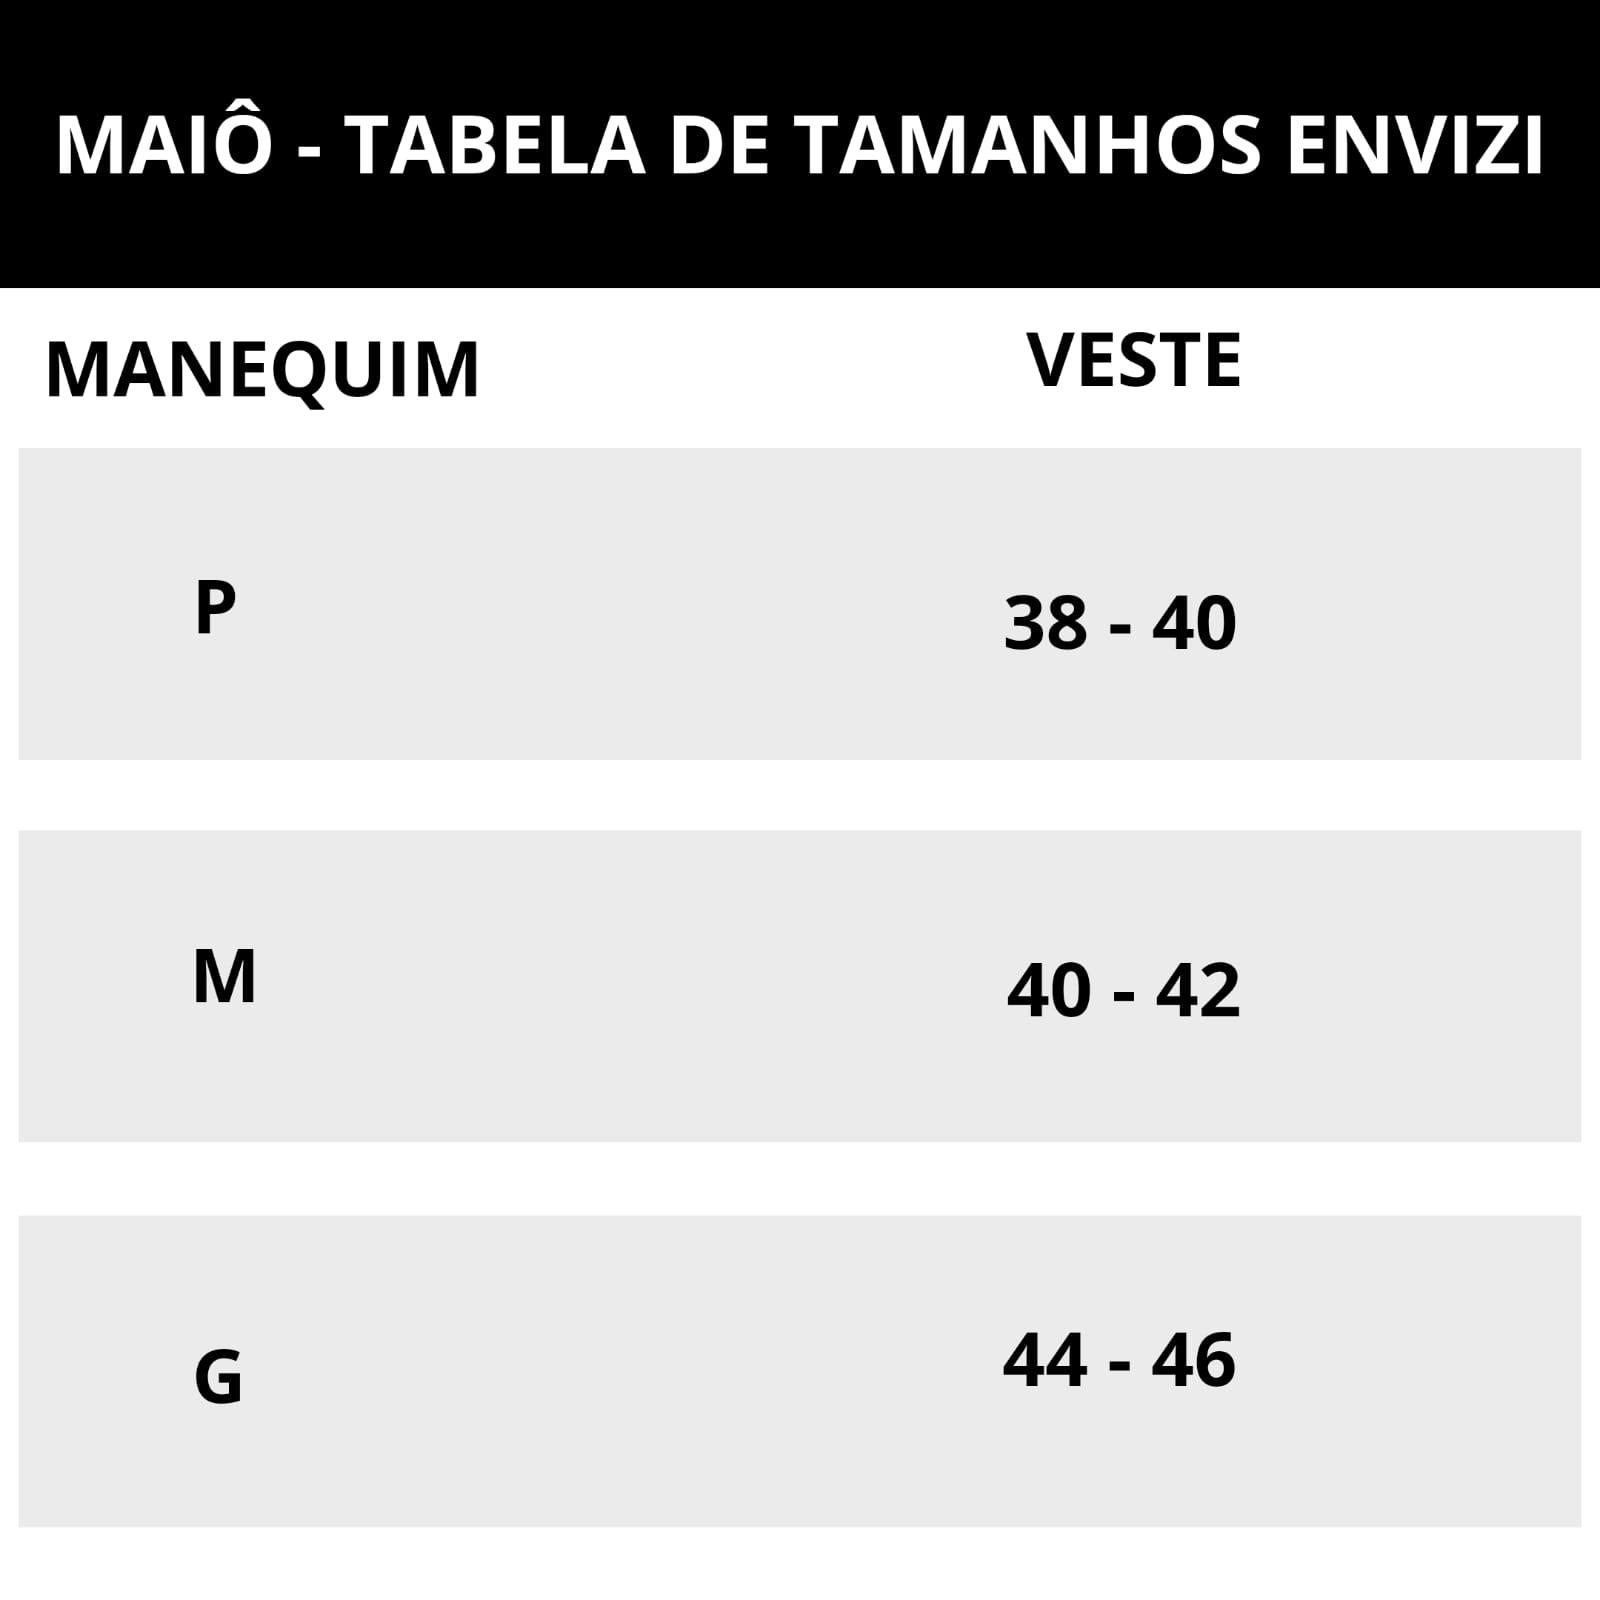 tabela de tamanhos de maio fio dentkl envizi